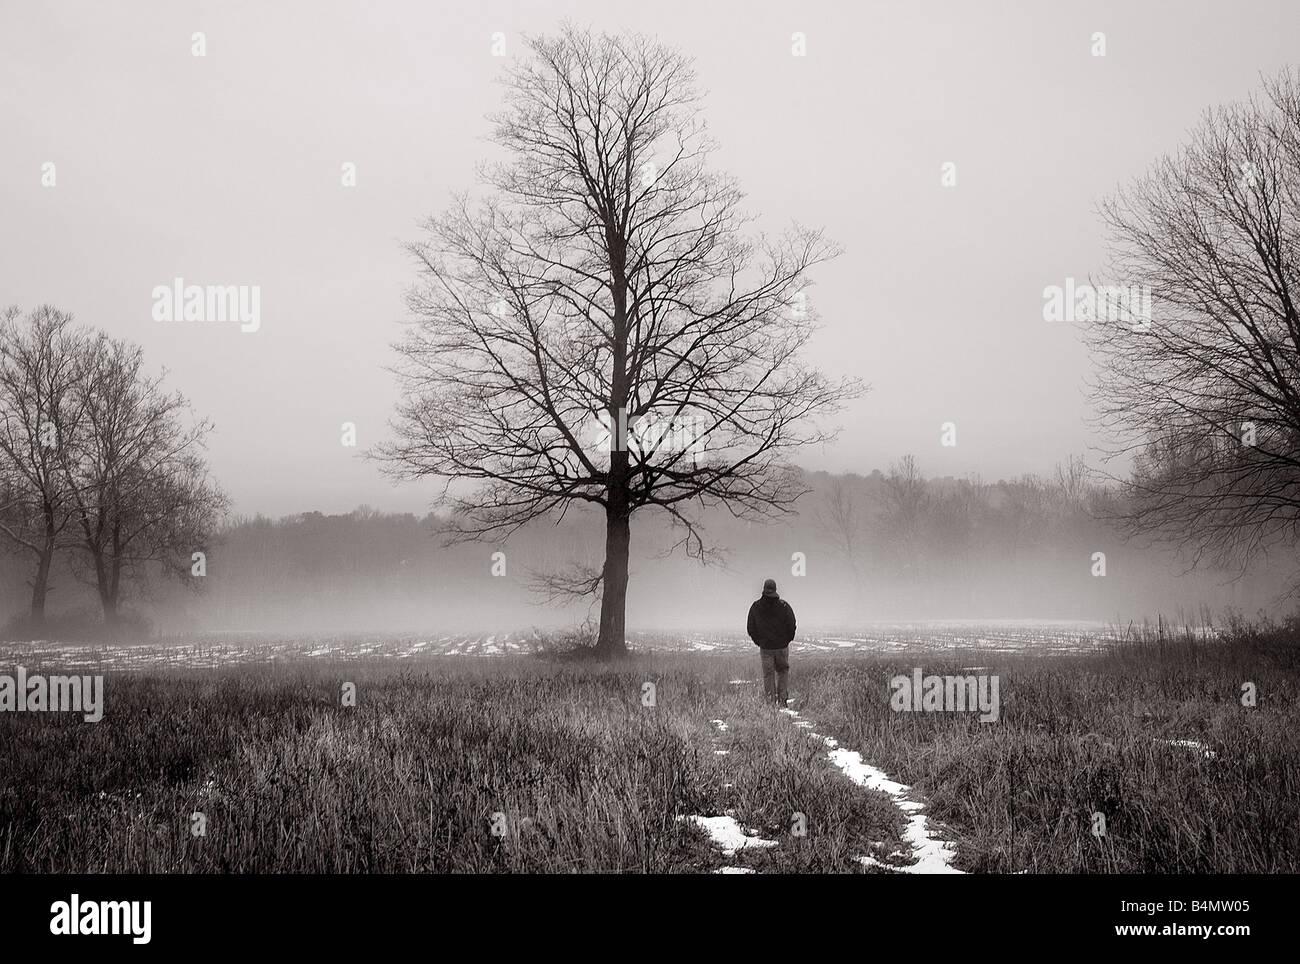 Verträumte Bild eine schattenhafte Mann zu Fuß in den Nebel in der Nähe von einem großen Baum Stockbild